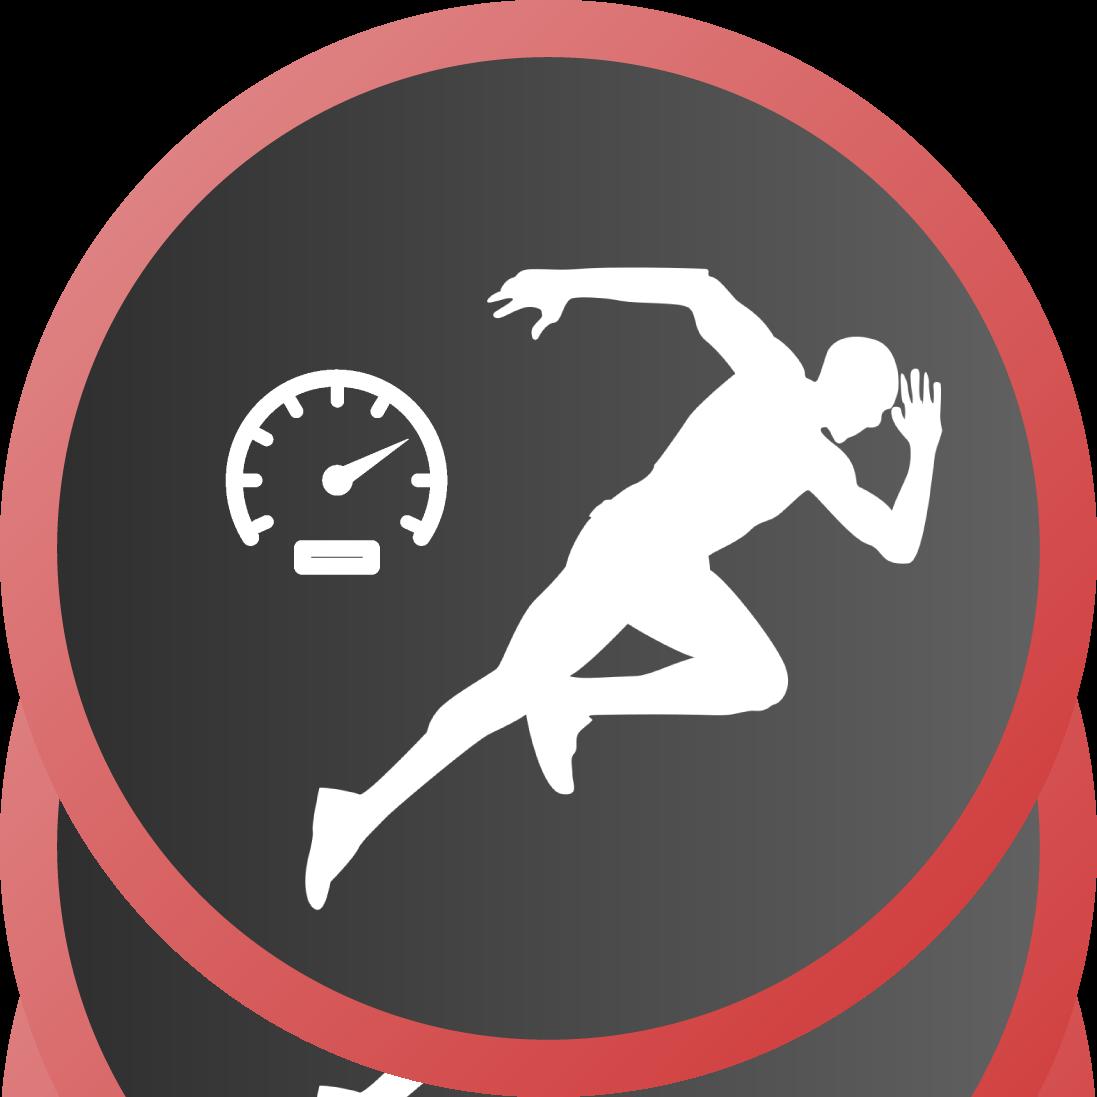 Sprint_AvgSpeed